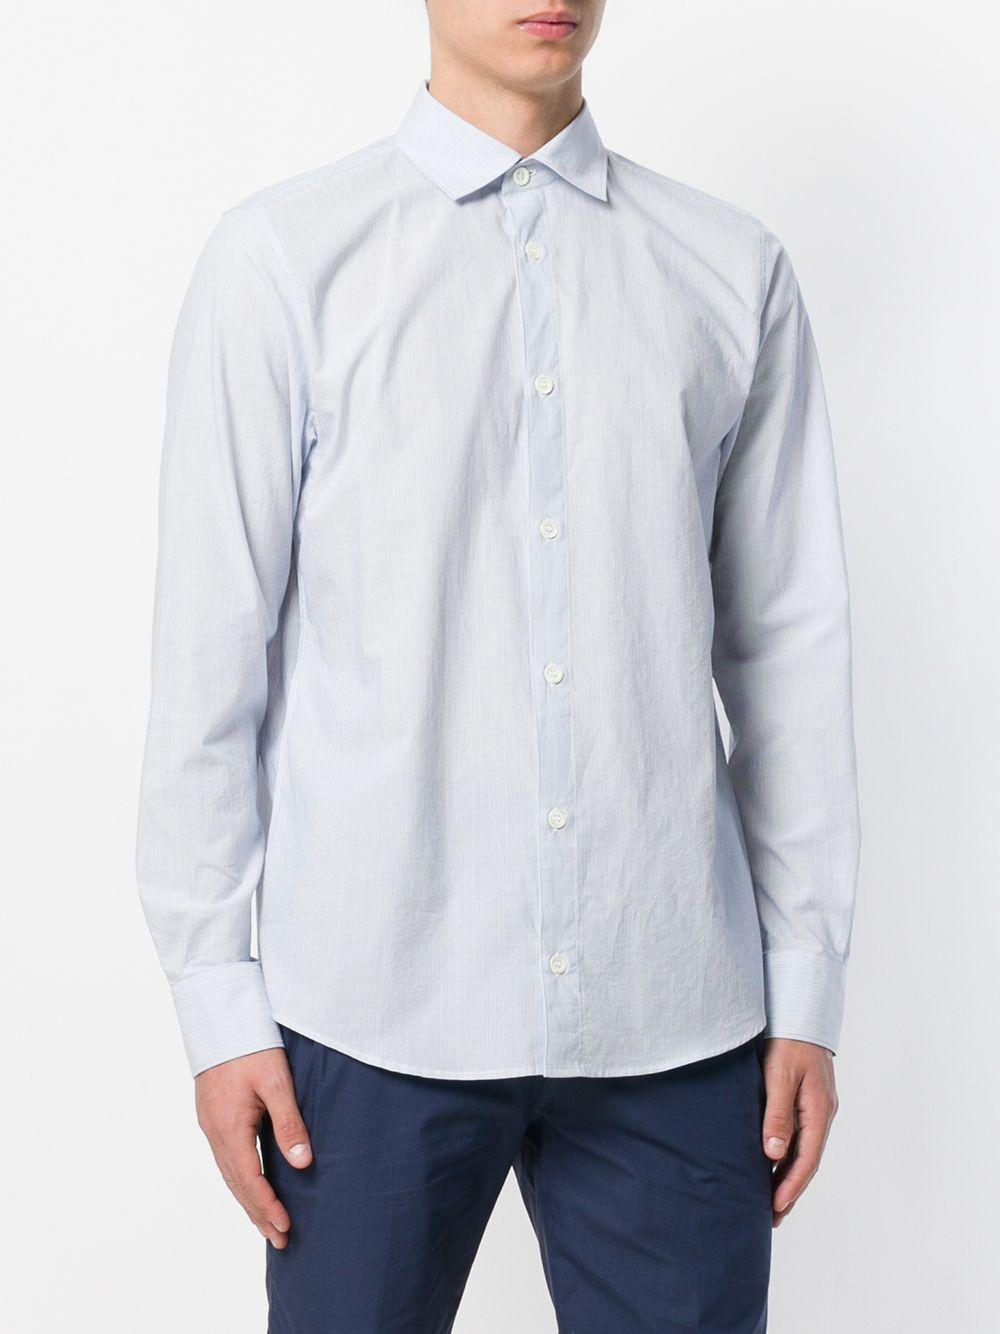 A.P.C. Katoen Overhemd Met Lange Mouwen in het Blauw voor heren